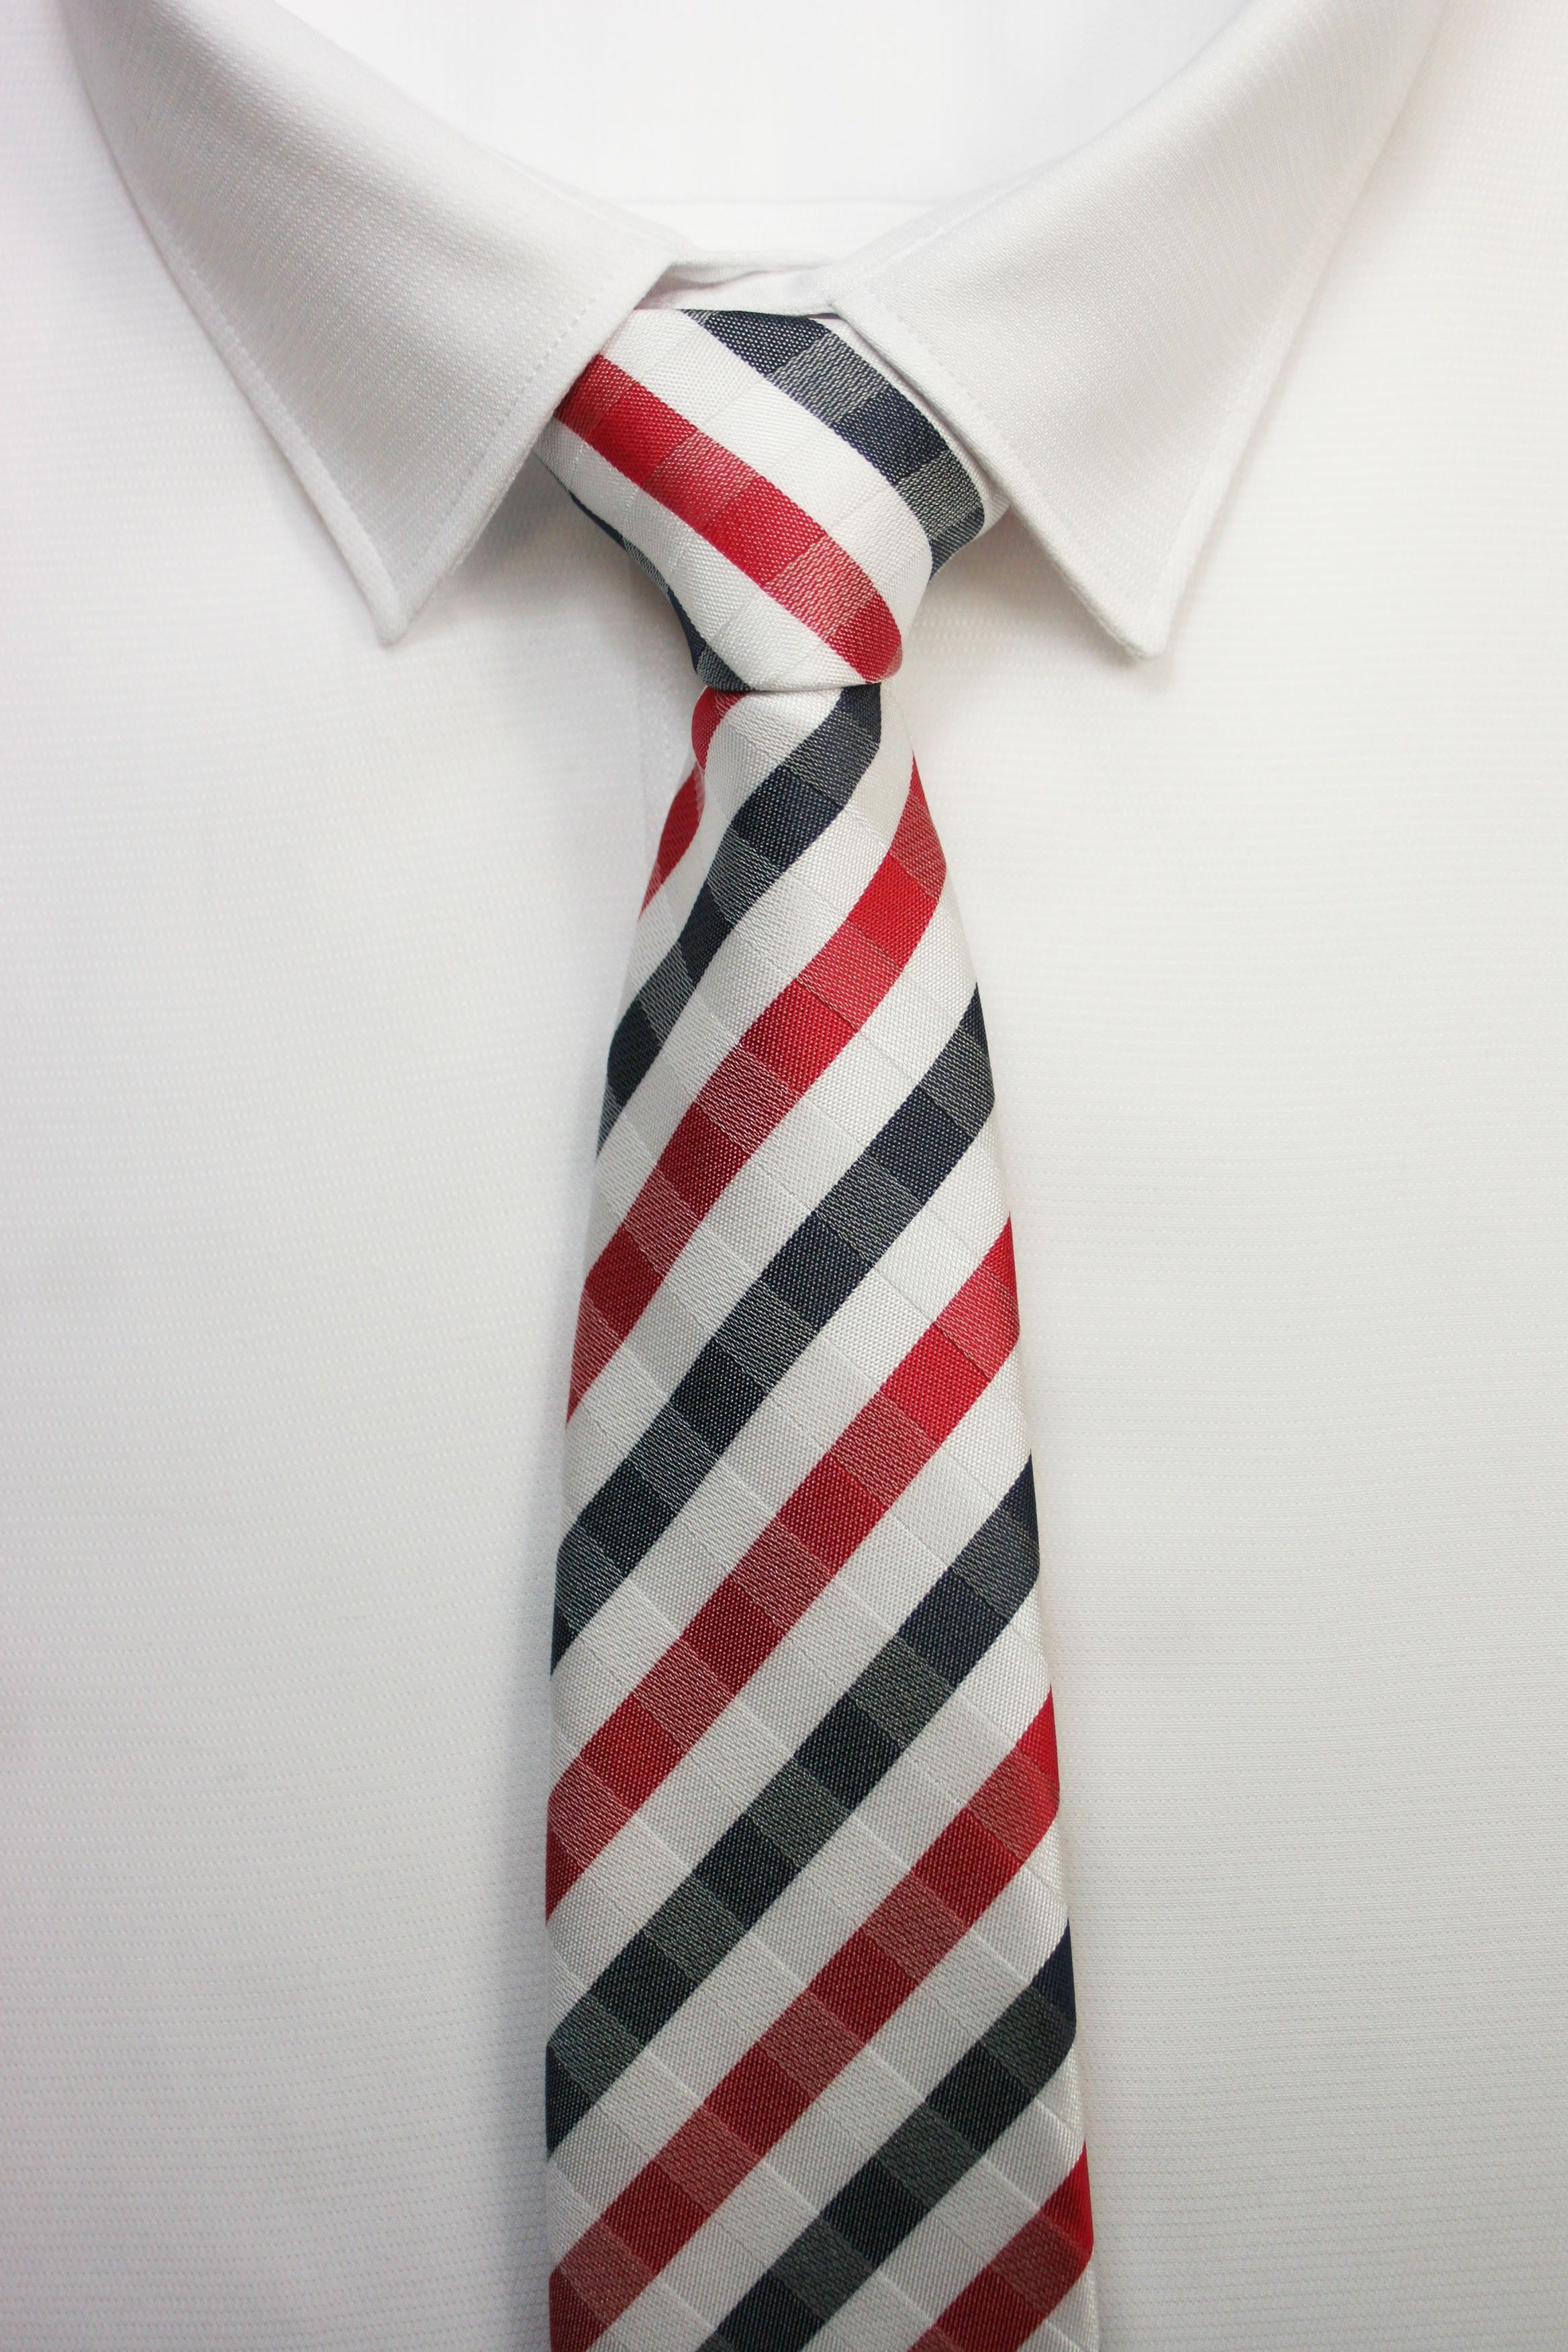 mejor valor nuevos productos para precio baratas Corbata cuadros rojos actuales | ropa formal | Corbatas ...